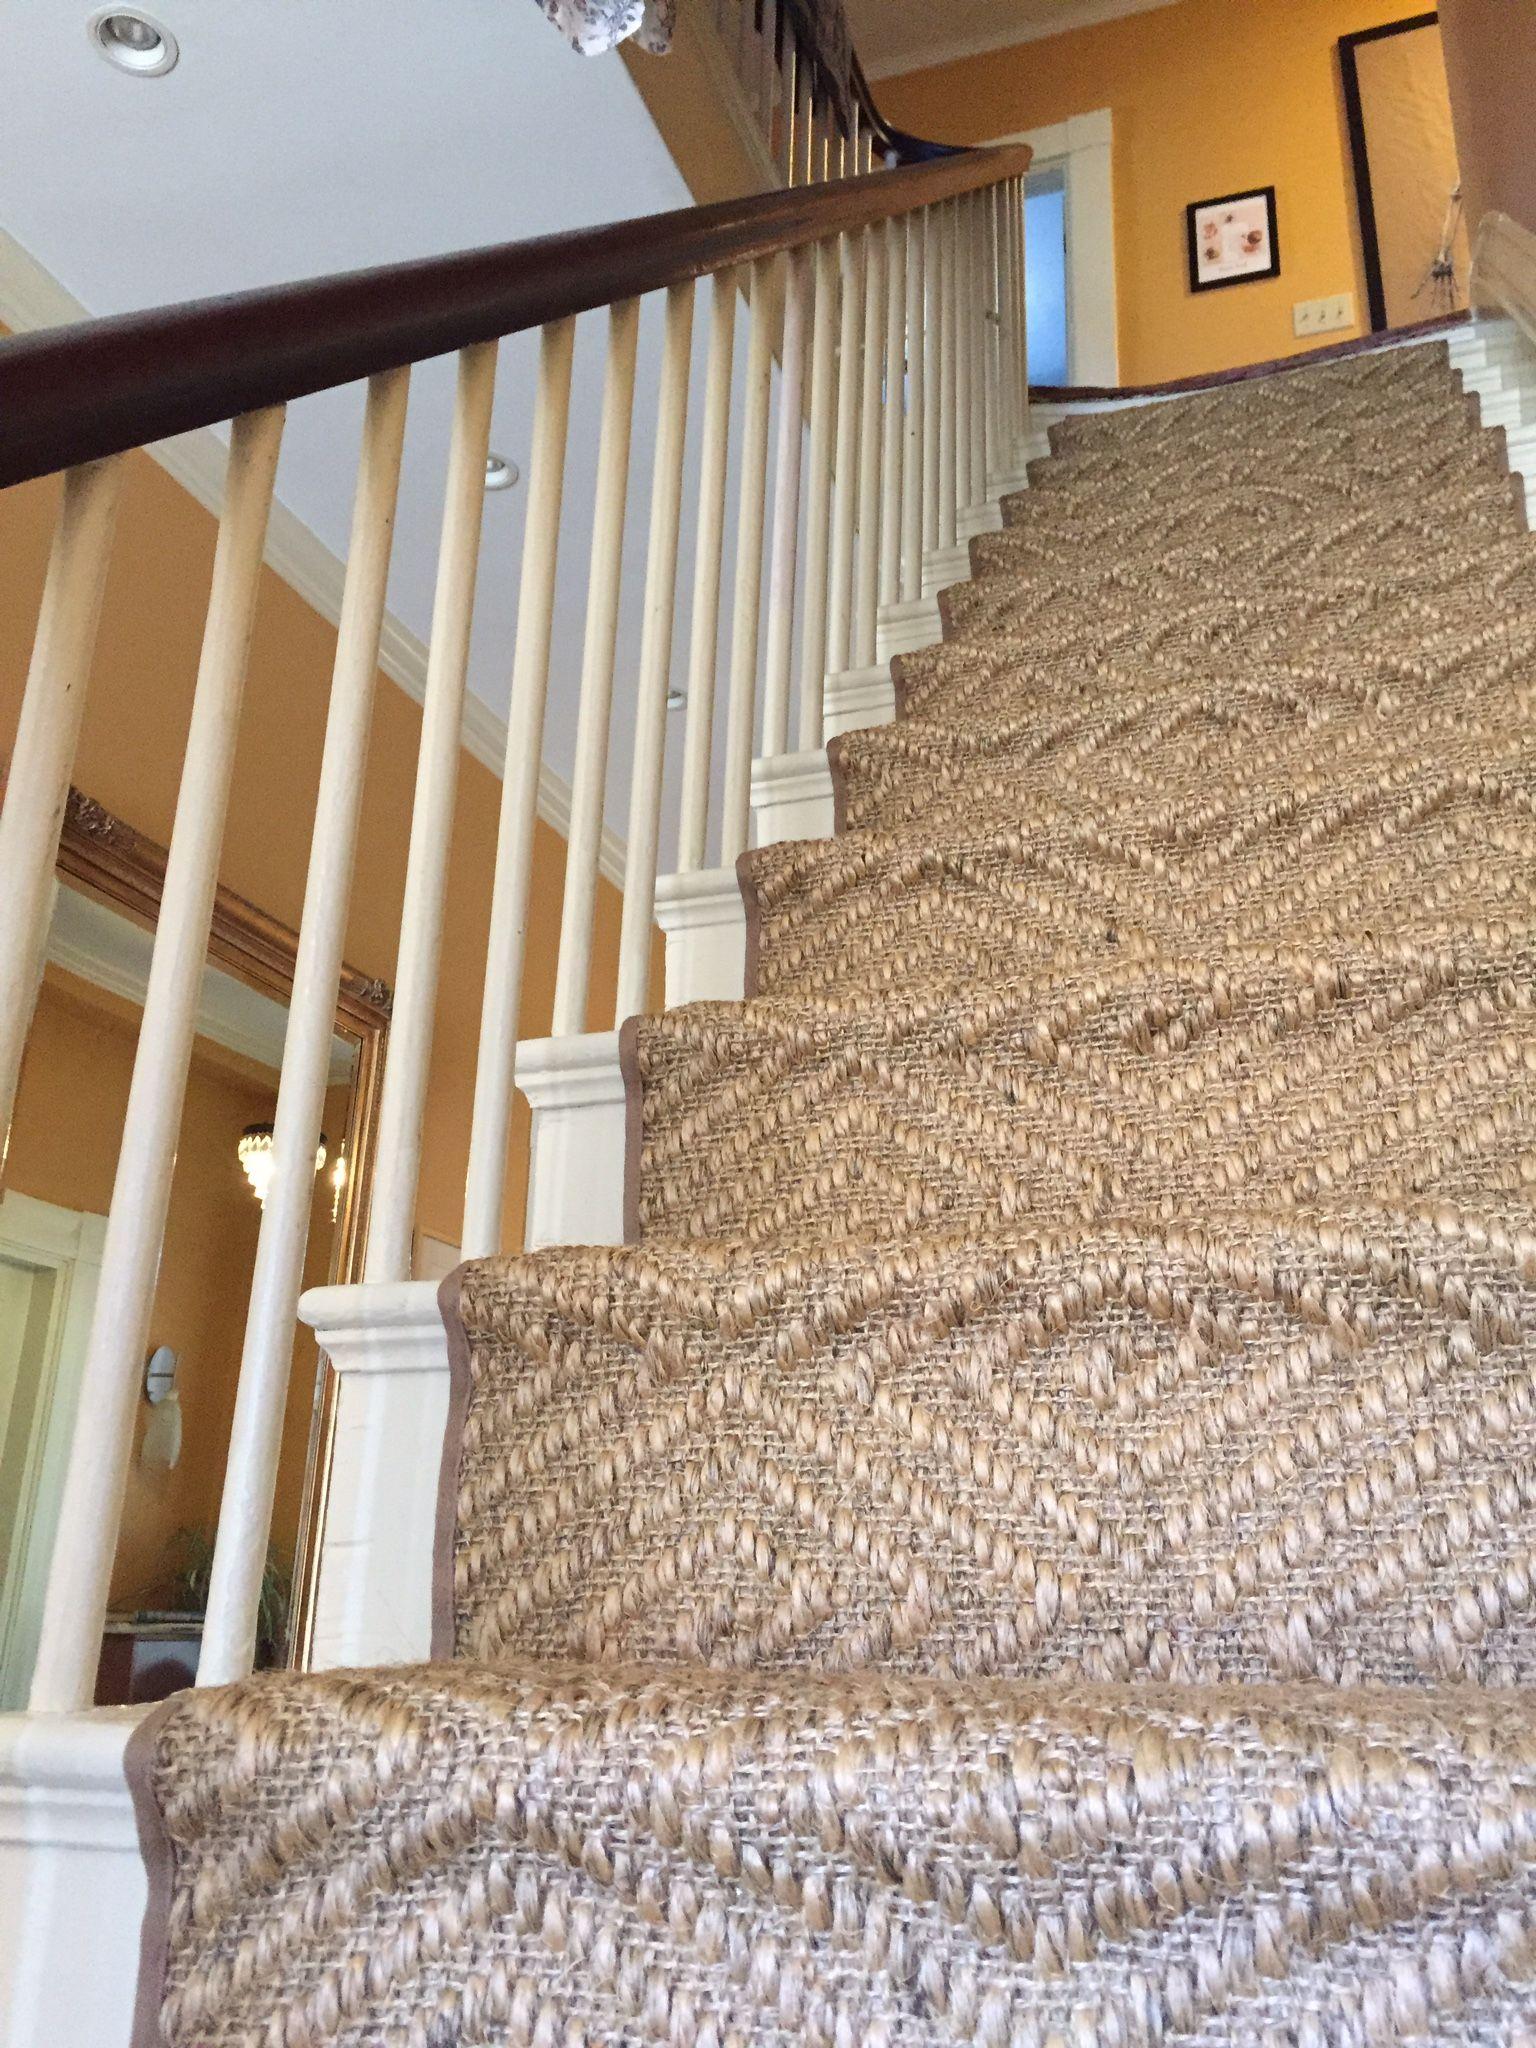 Hollywood Stair Runner Vs Waterfall The Carpet Workroom